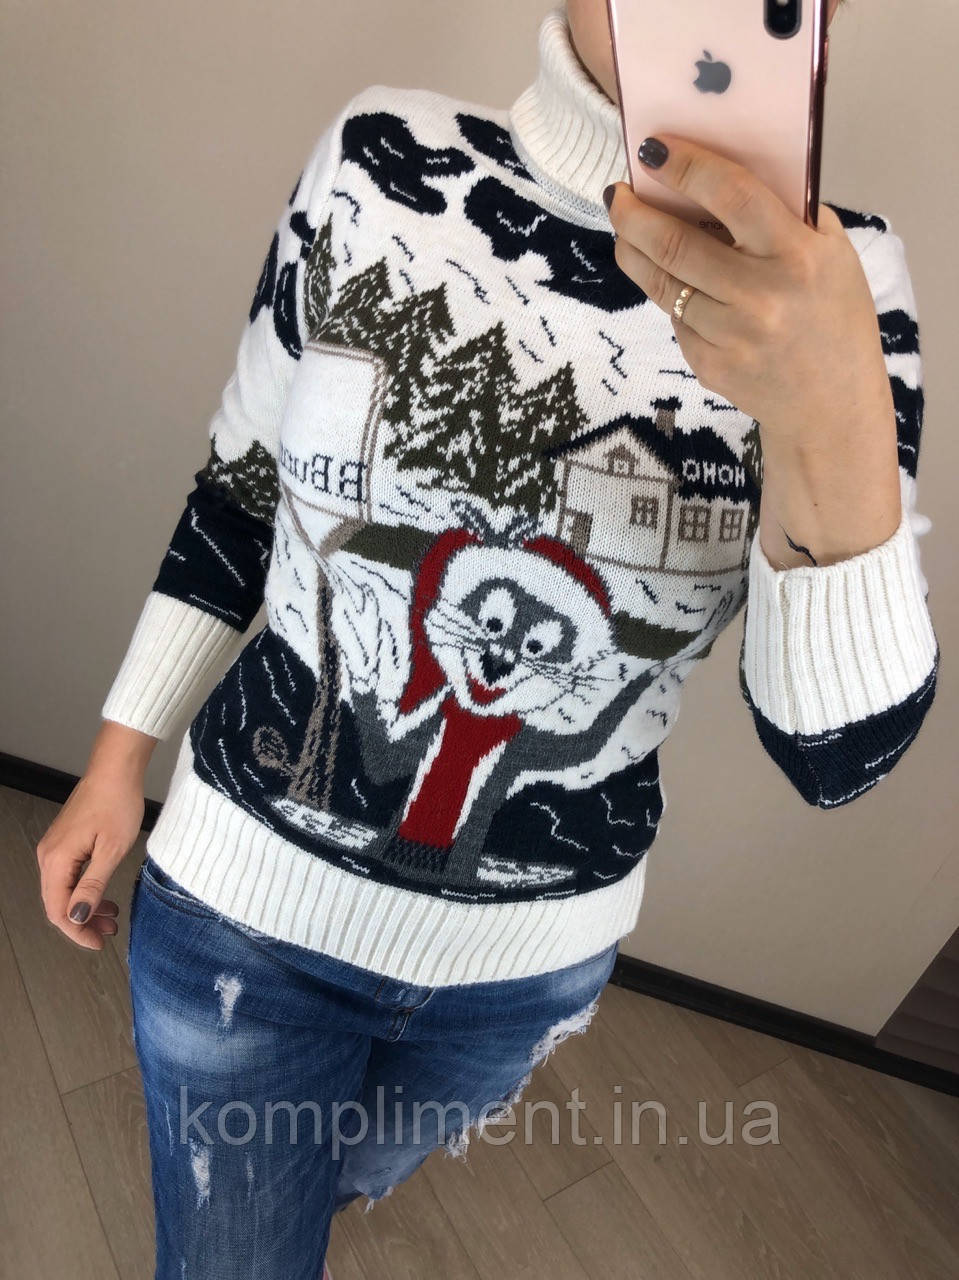 Шерстяной вязаный  турецкий свитер с рисунком кролик, белый